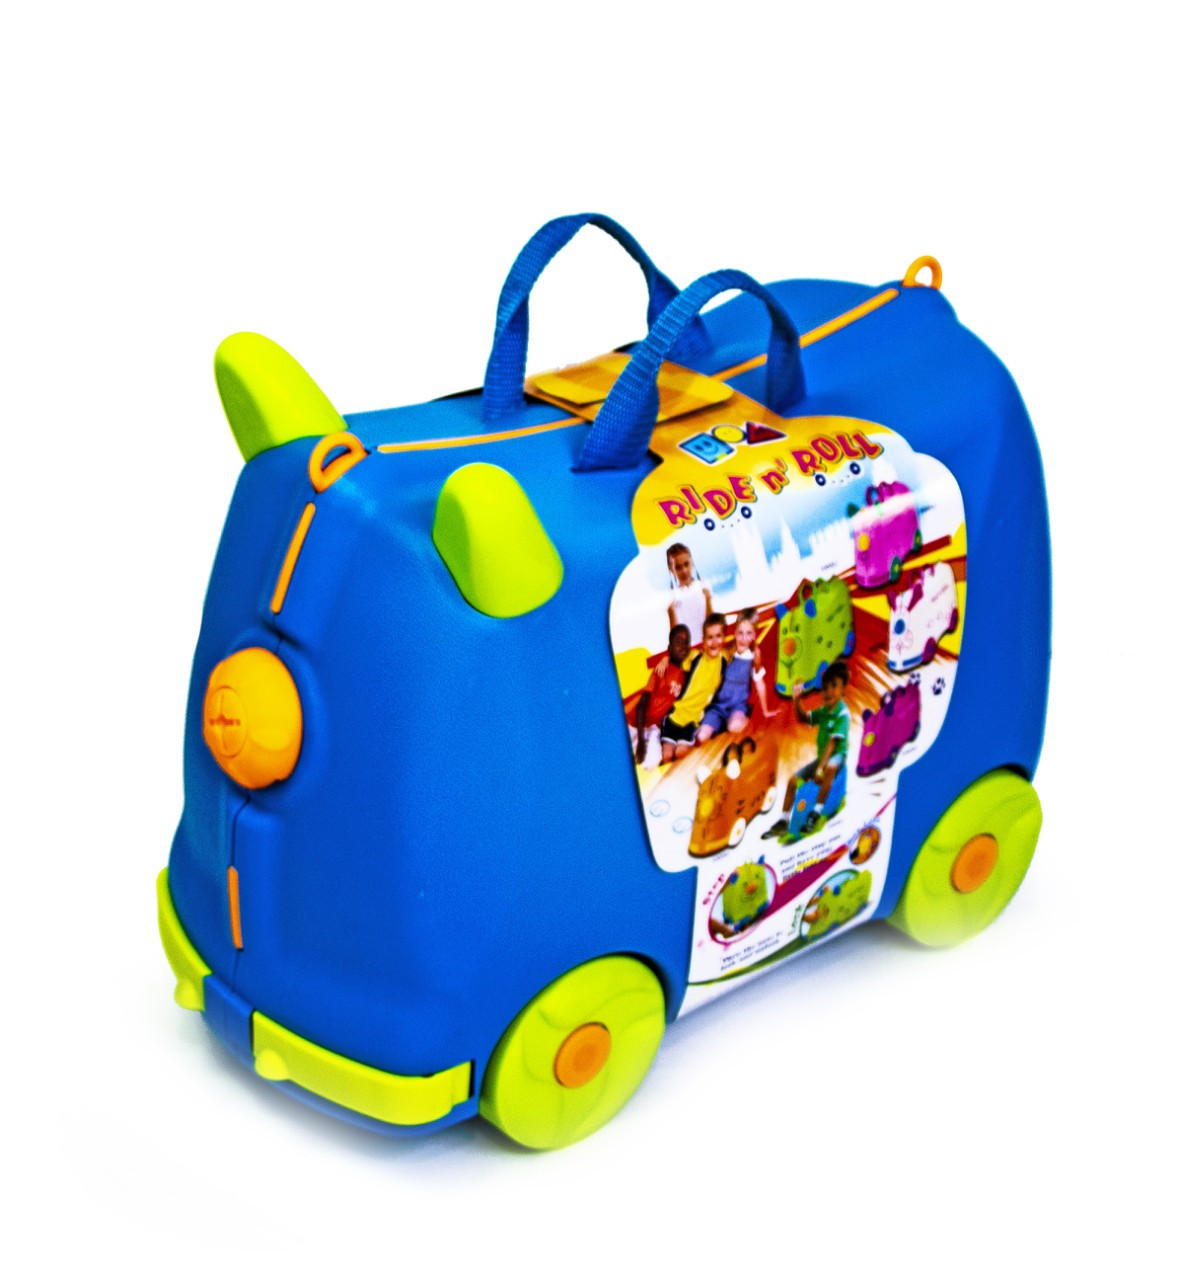 Детский чемодан-каталка 2 в 1. 2 цвета